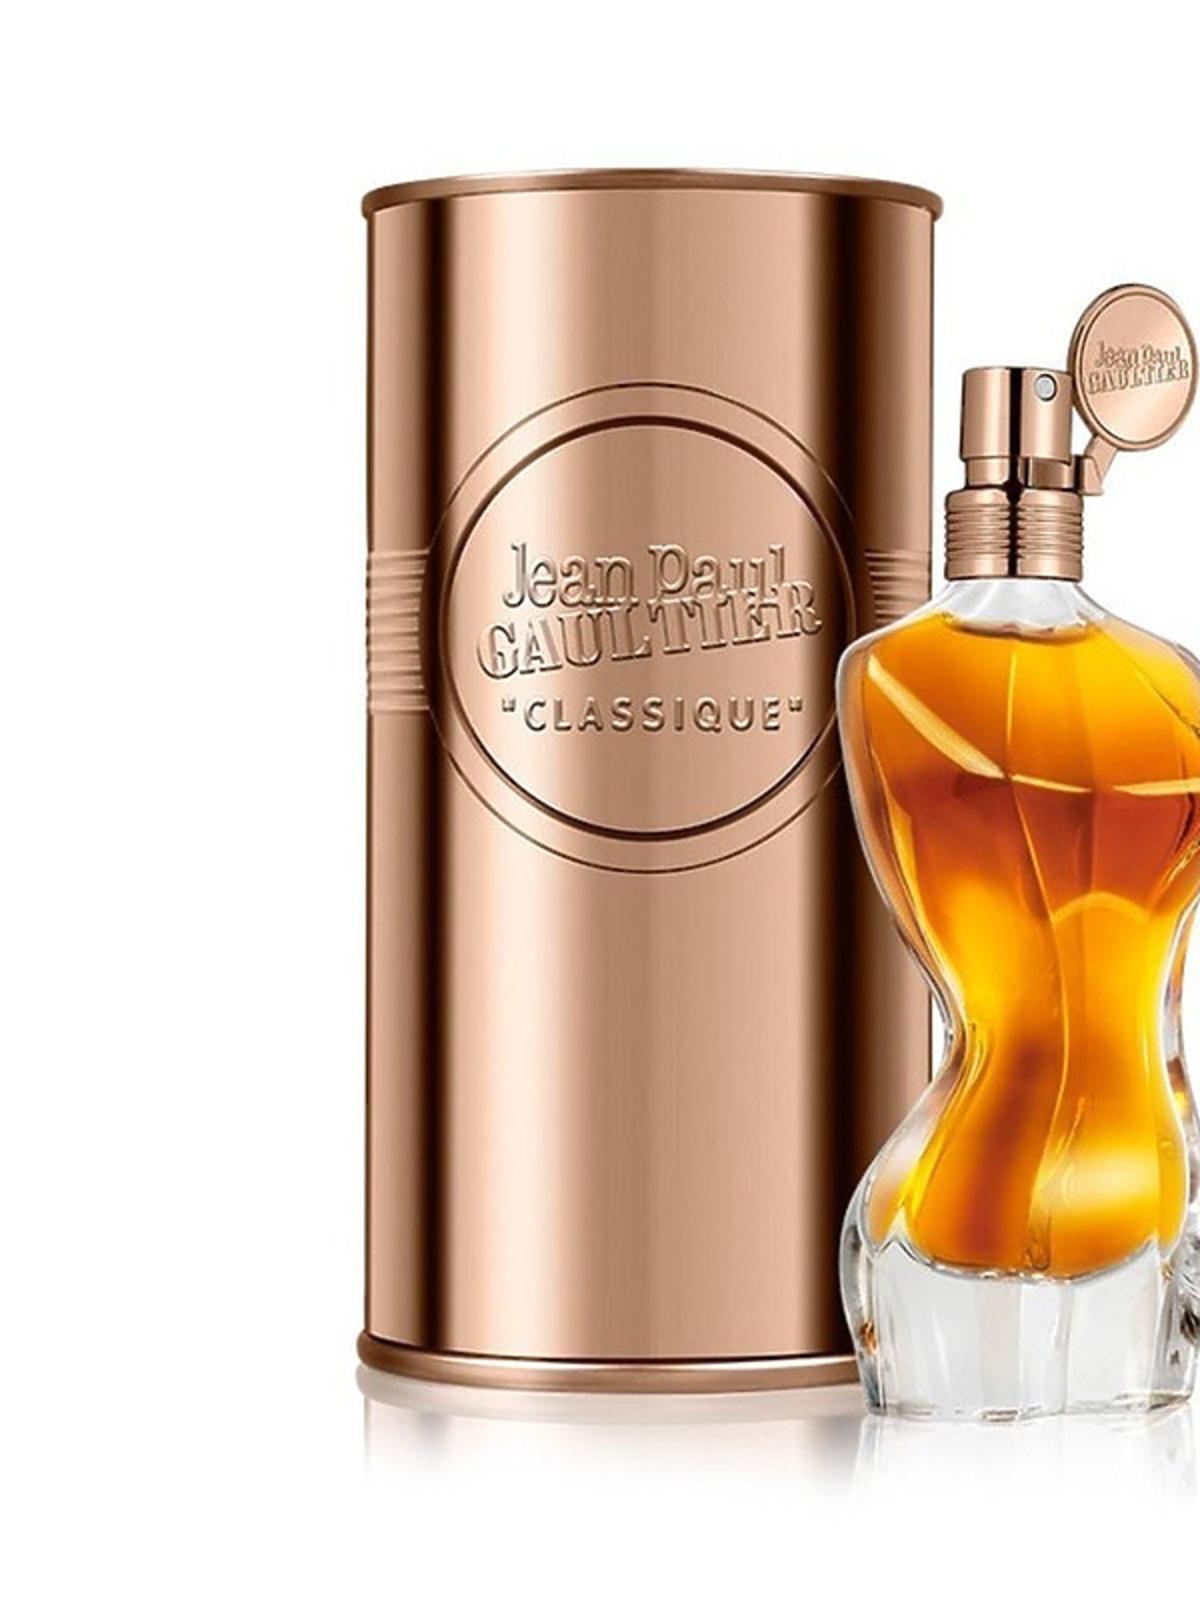 Classique Essence de Parfum marki Jean Paul Gaultier EDP, cena: ok. 299 zł / 50 ml